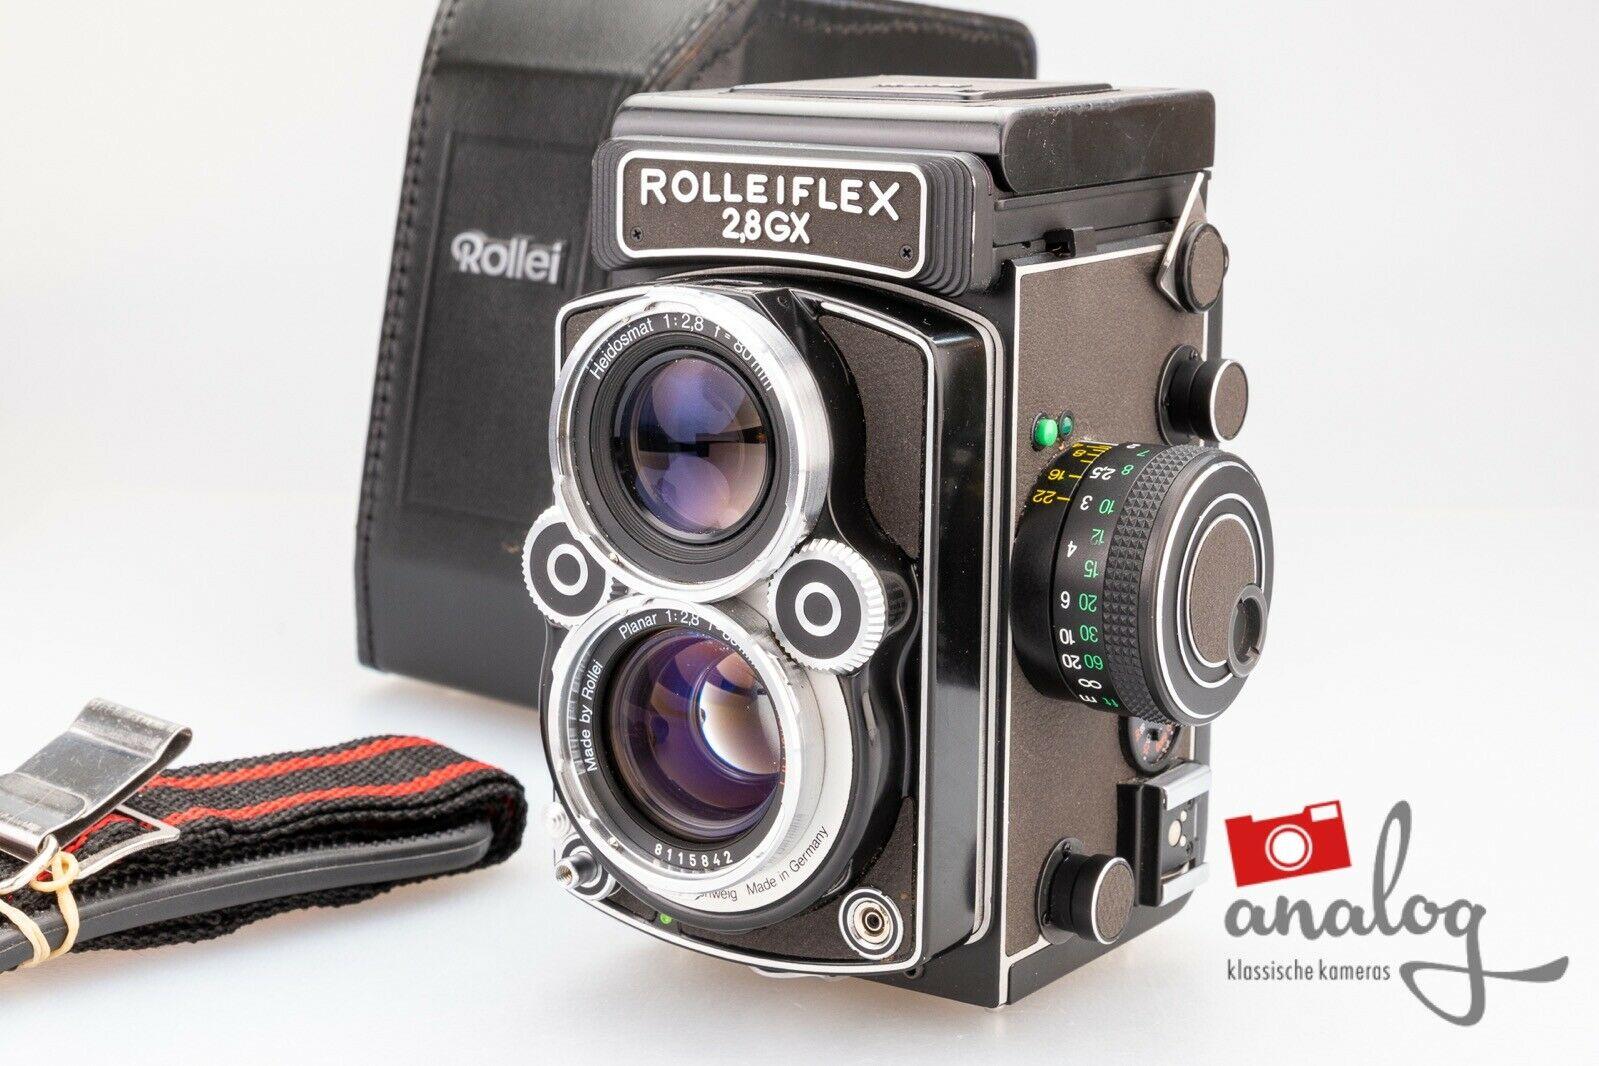 Rolleiflex 2.8 GX Expression 94